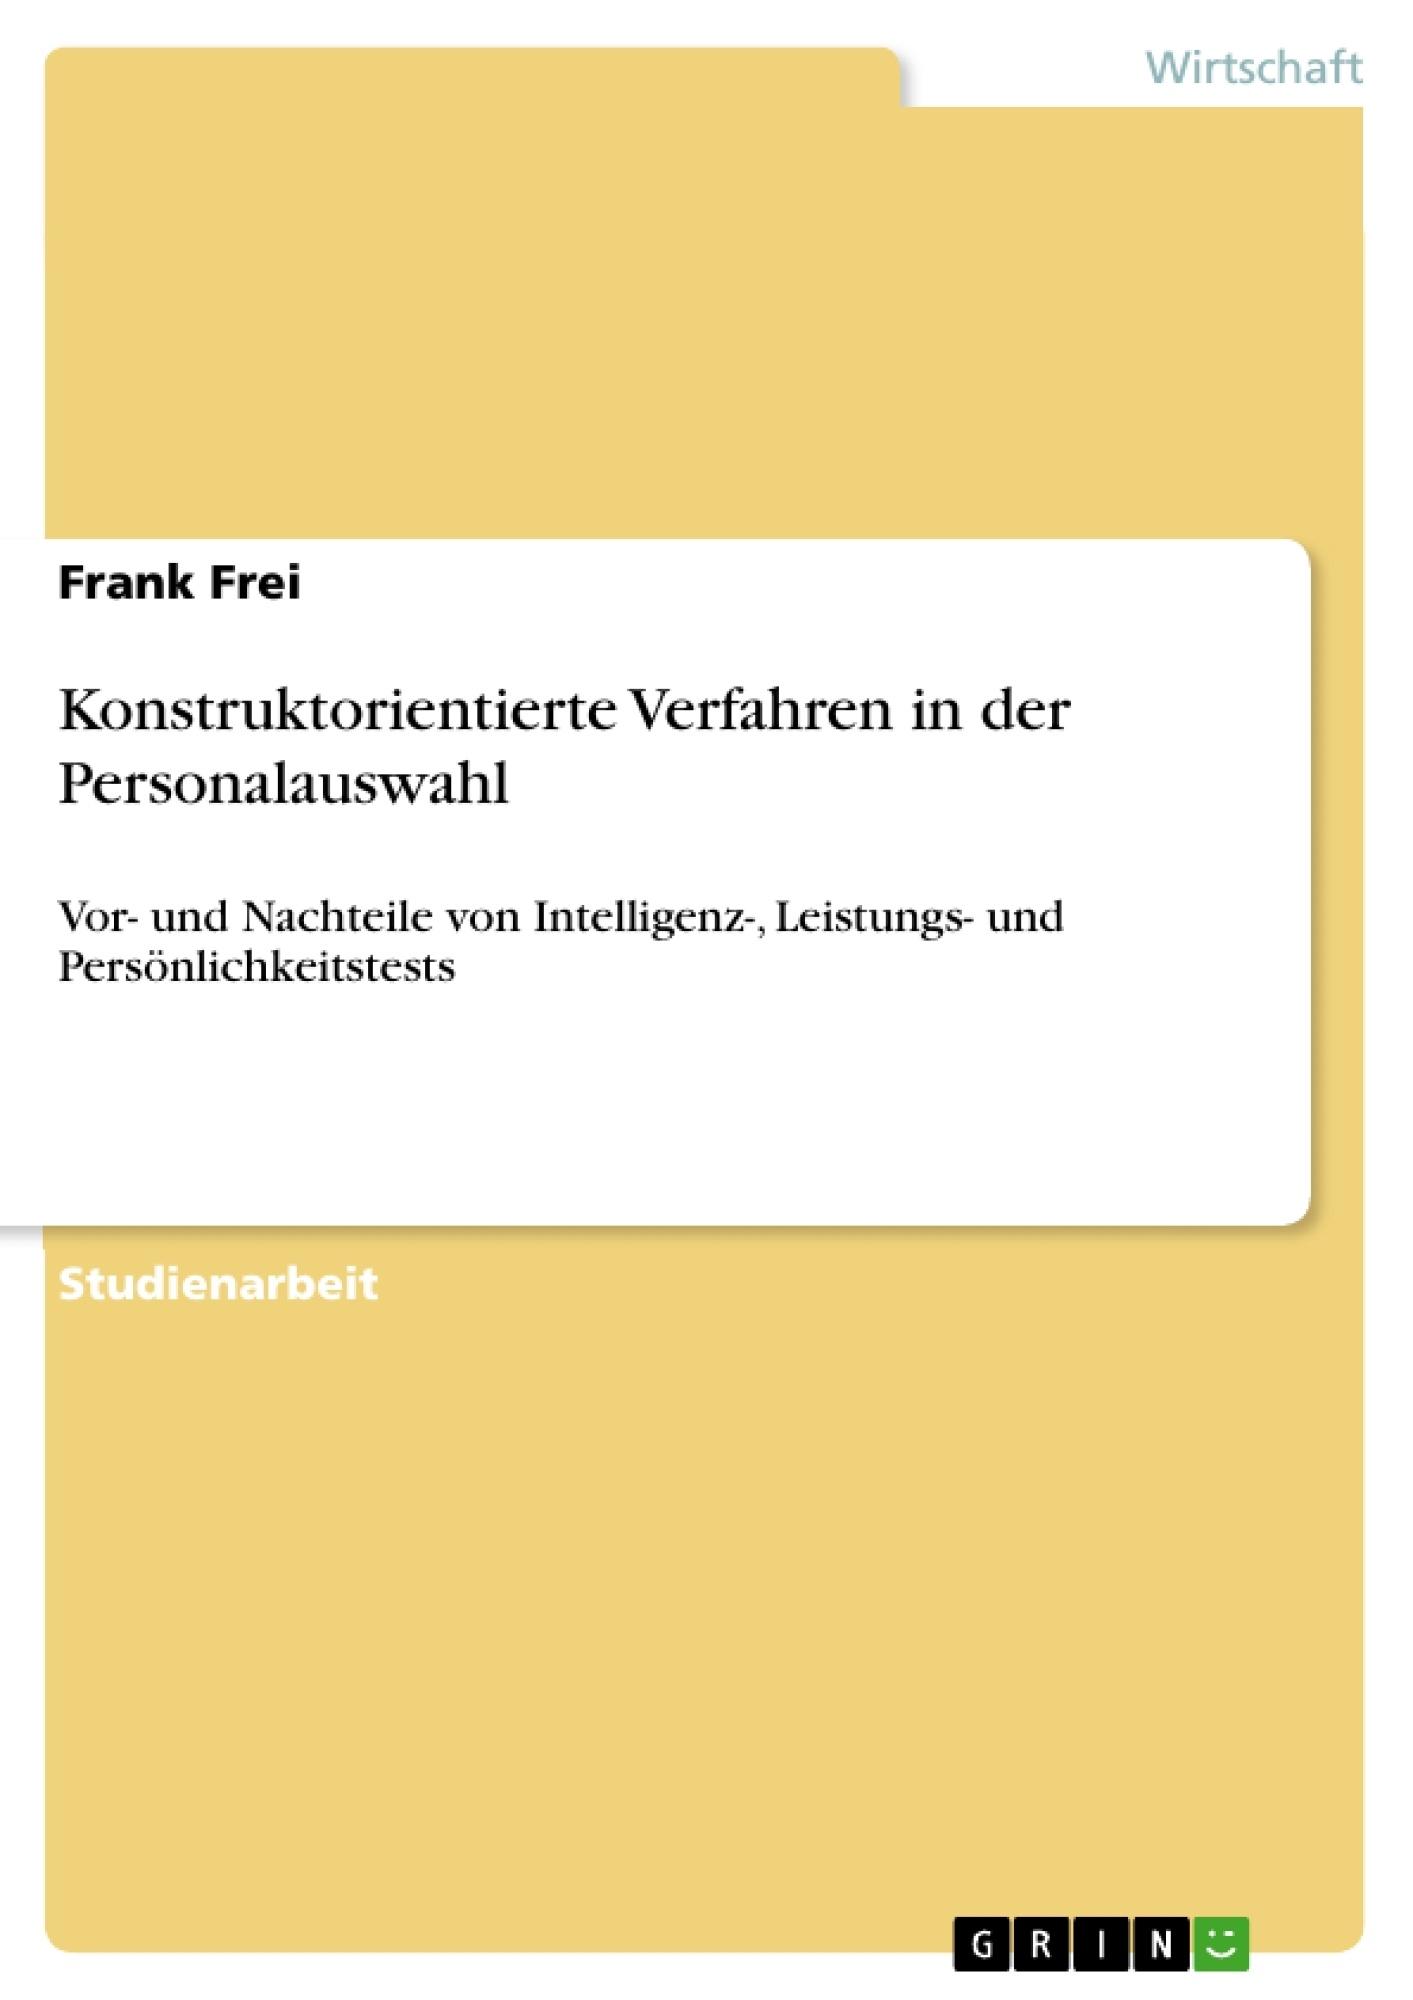 Titel: Konstruktorientierte Verfahren in der Personalauswahl